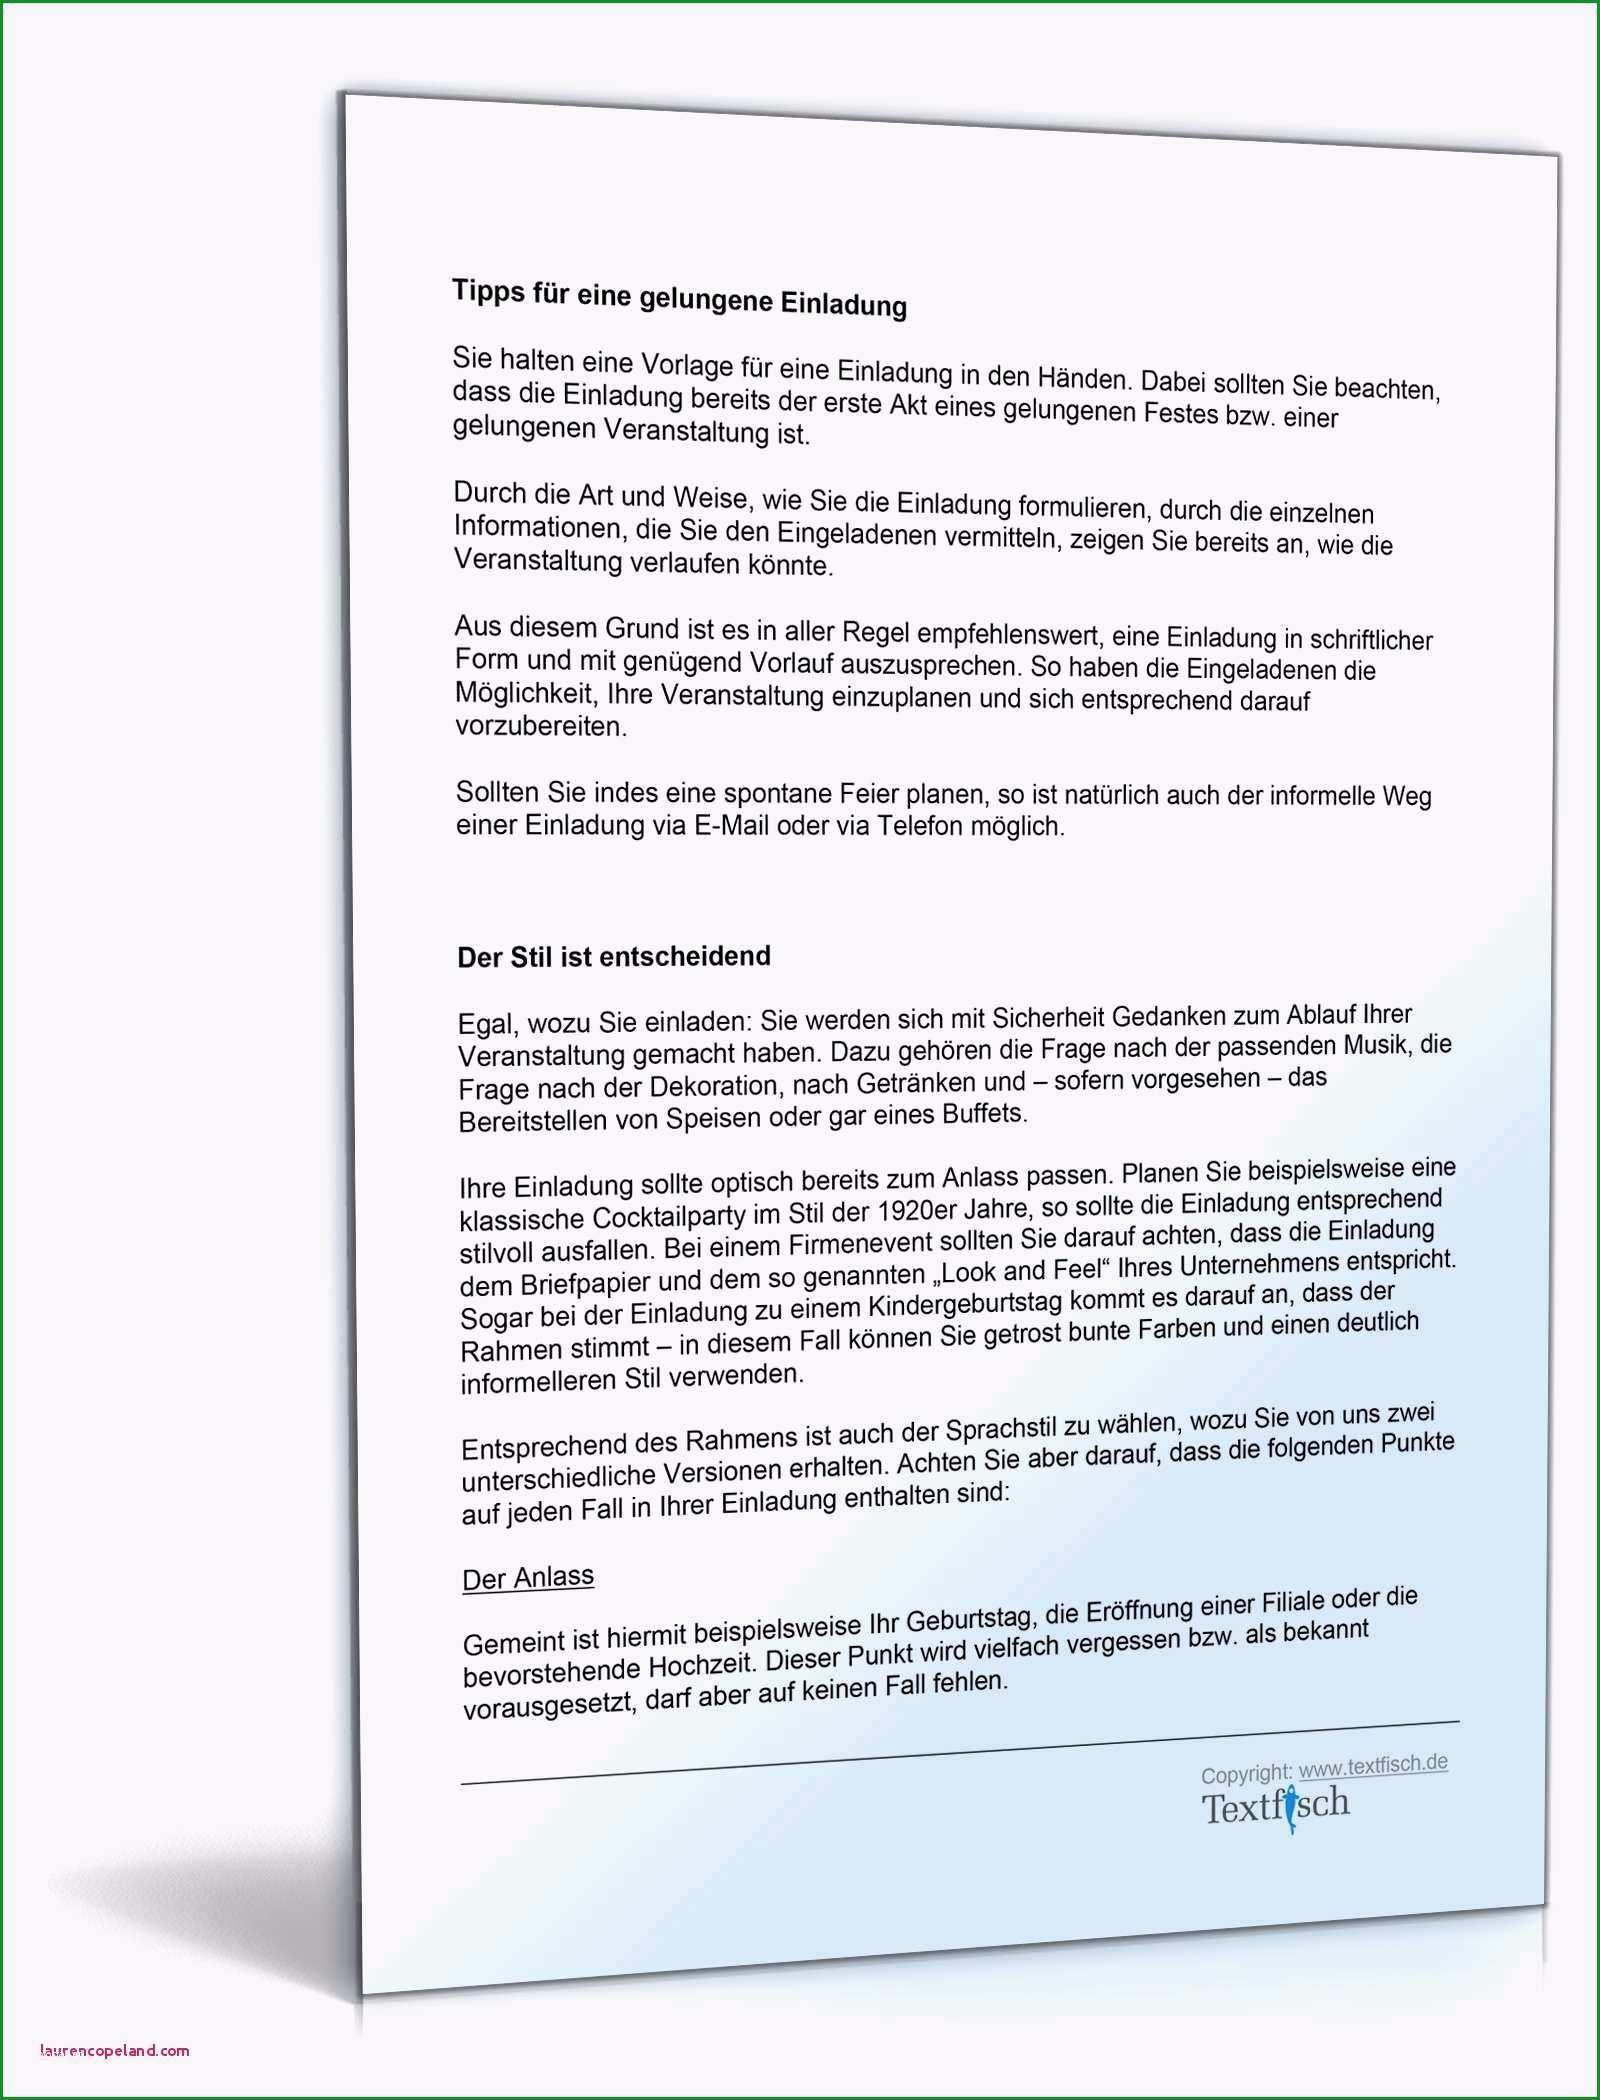 menukarten vorlagen zum bearbeiten genial inhaltsverzeichnis vorlage schule 2